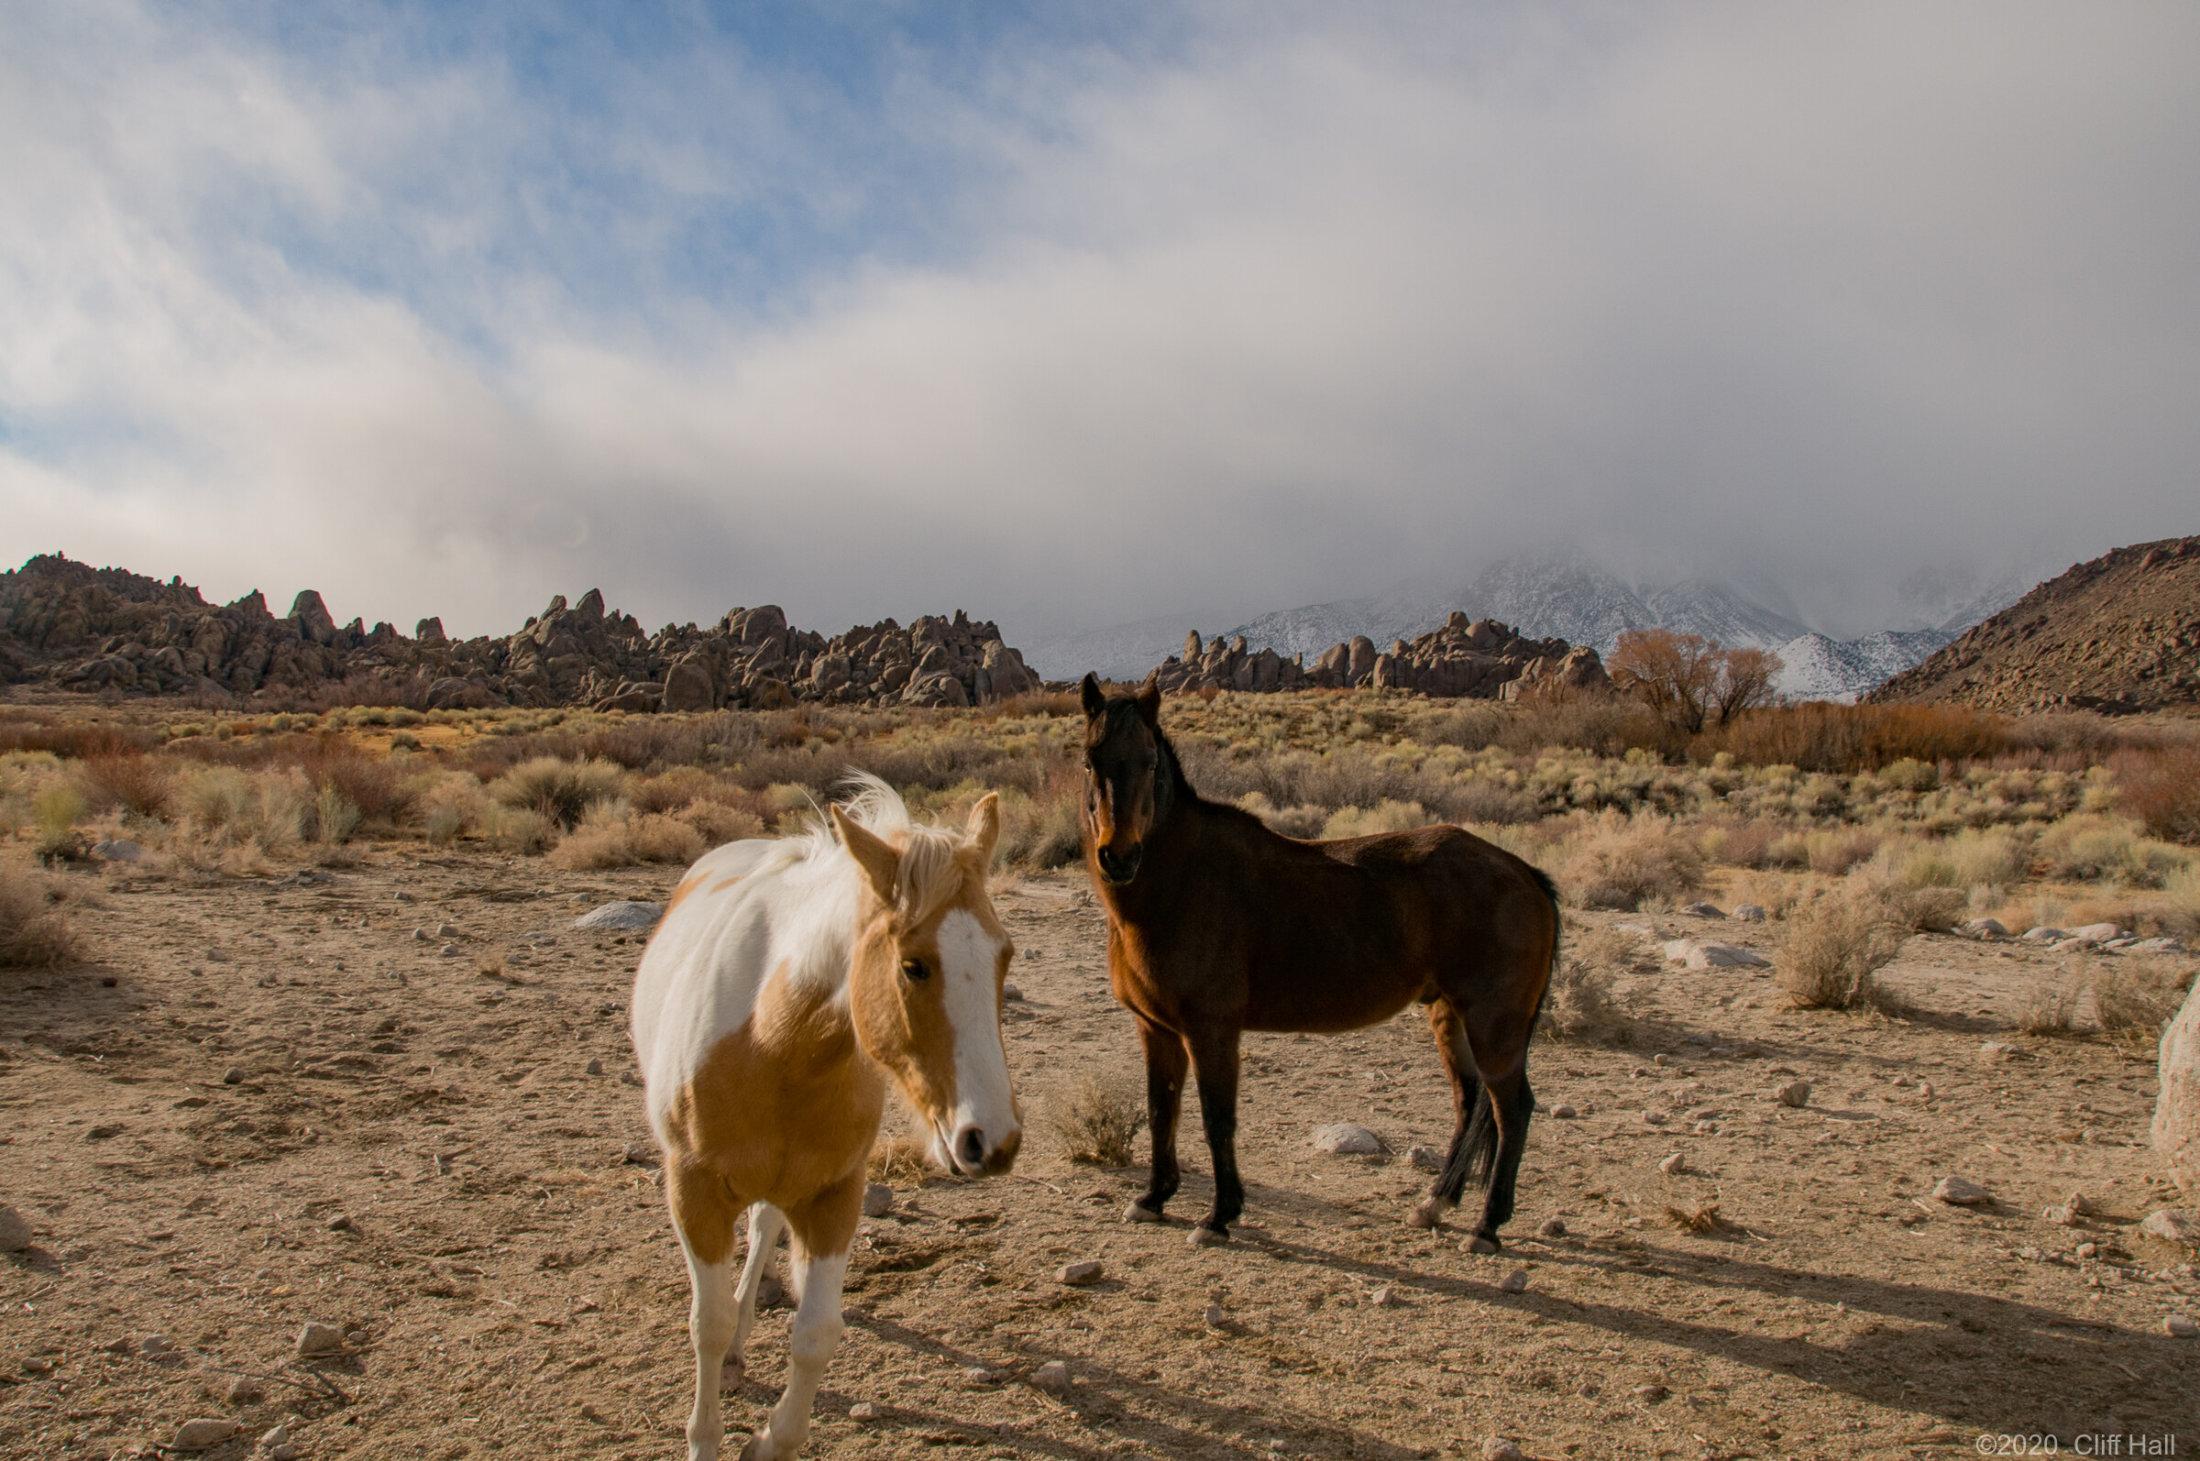 Curious horses in Alabama Hils, CA